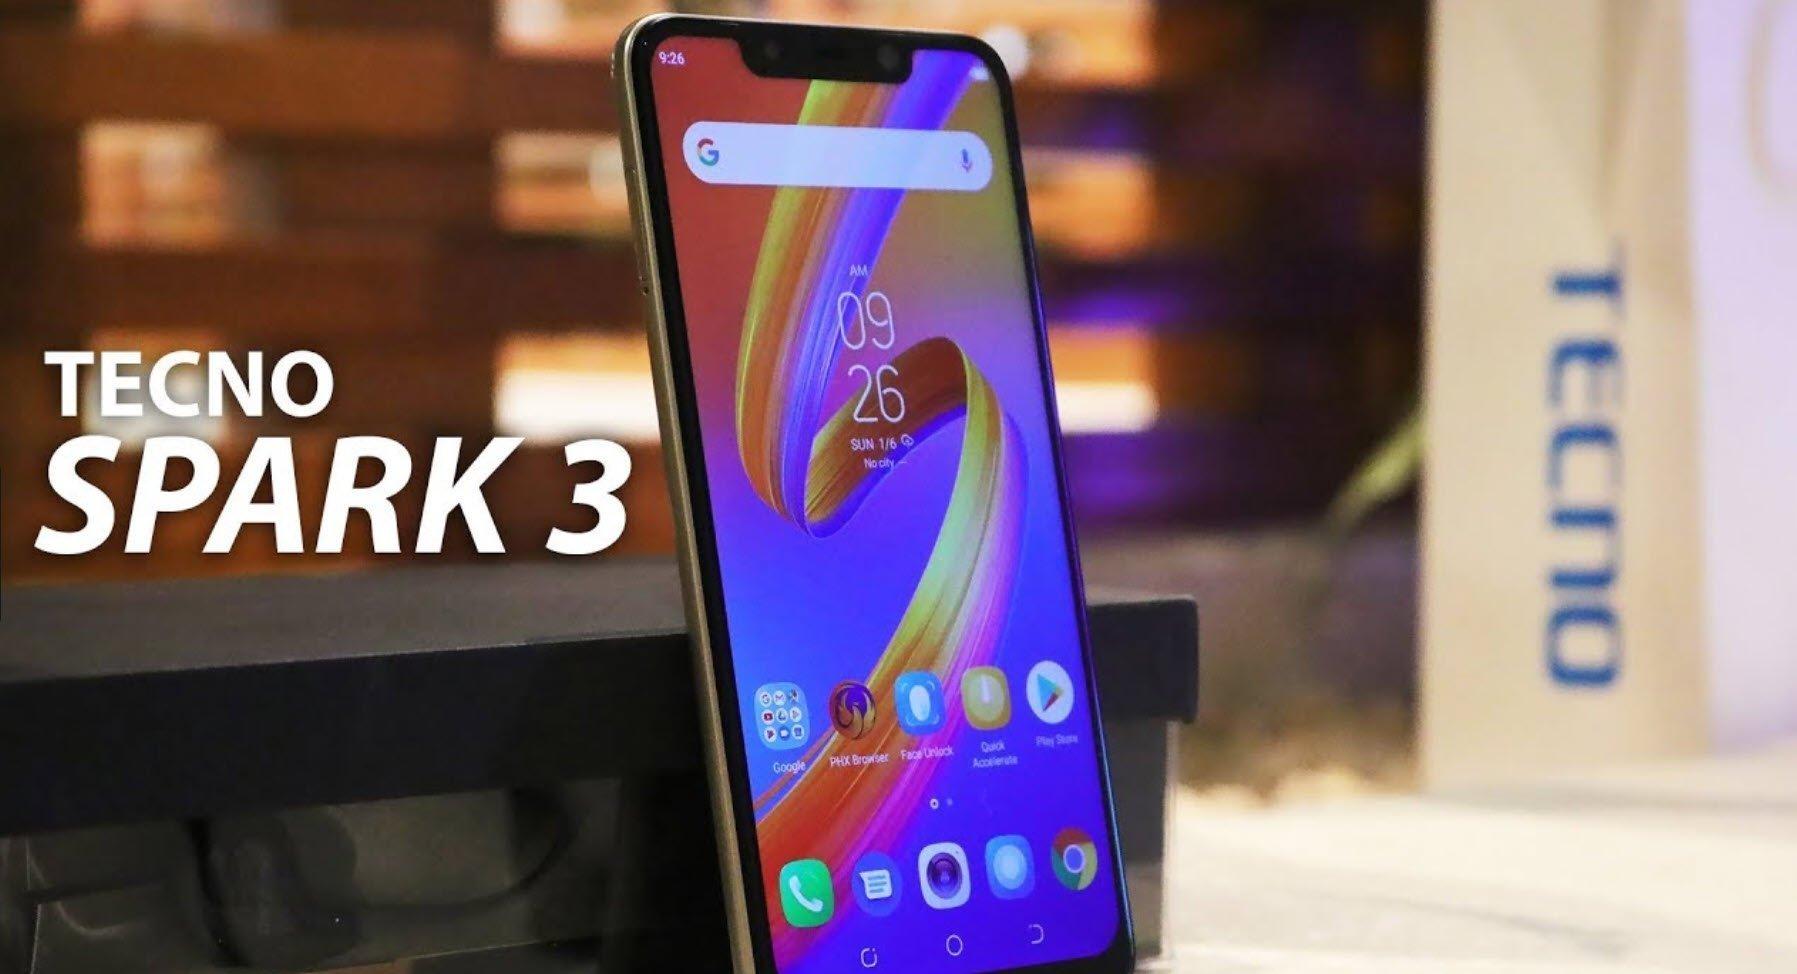 Afrique : Tecno Spark 3, le smartphone haut de gamme de 2019 (AITTA) 1